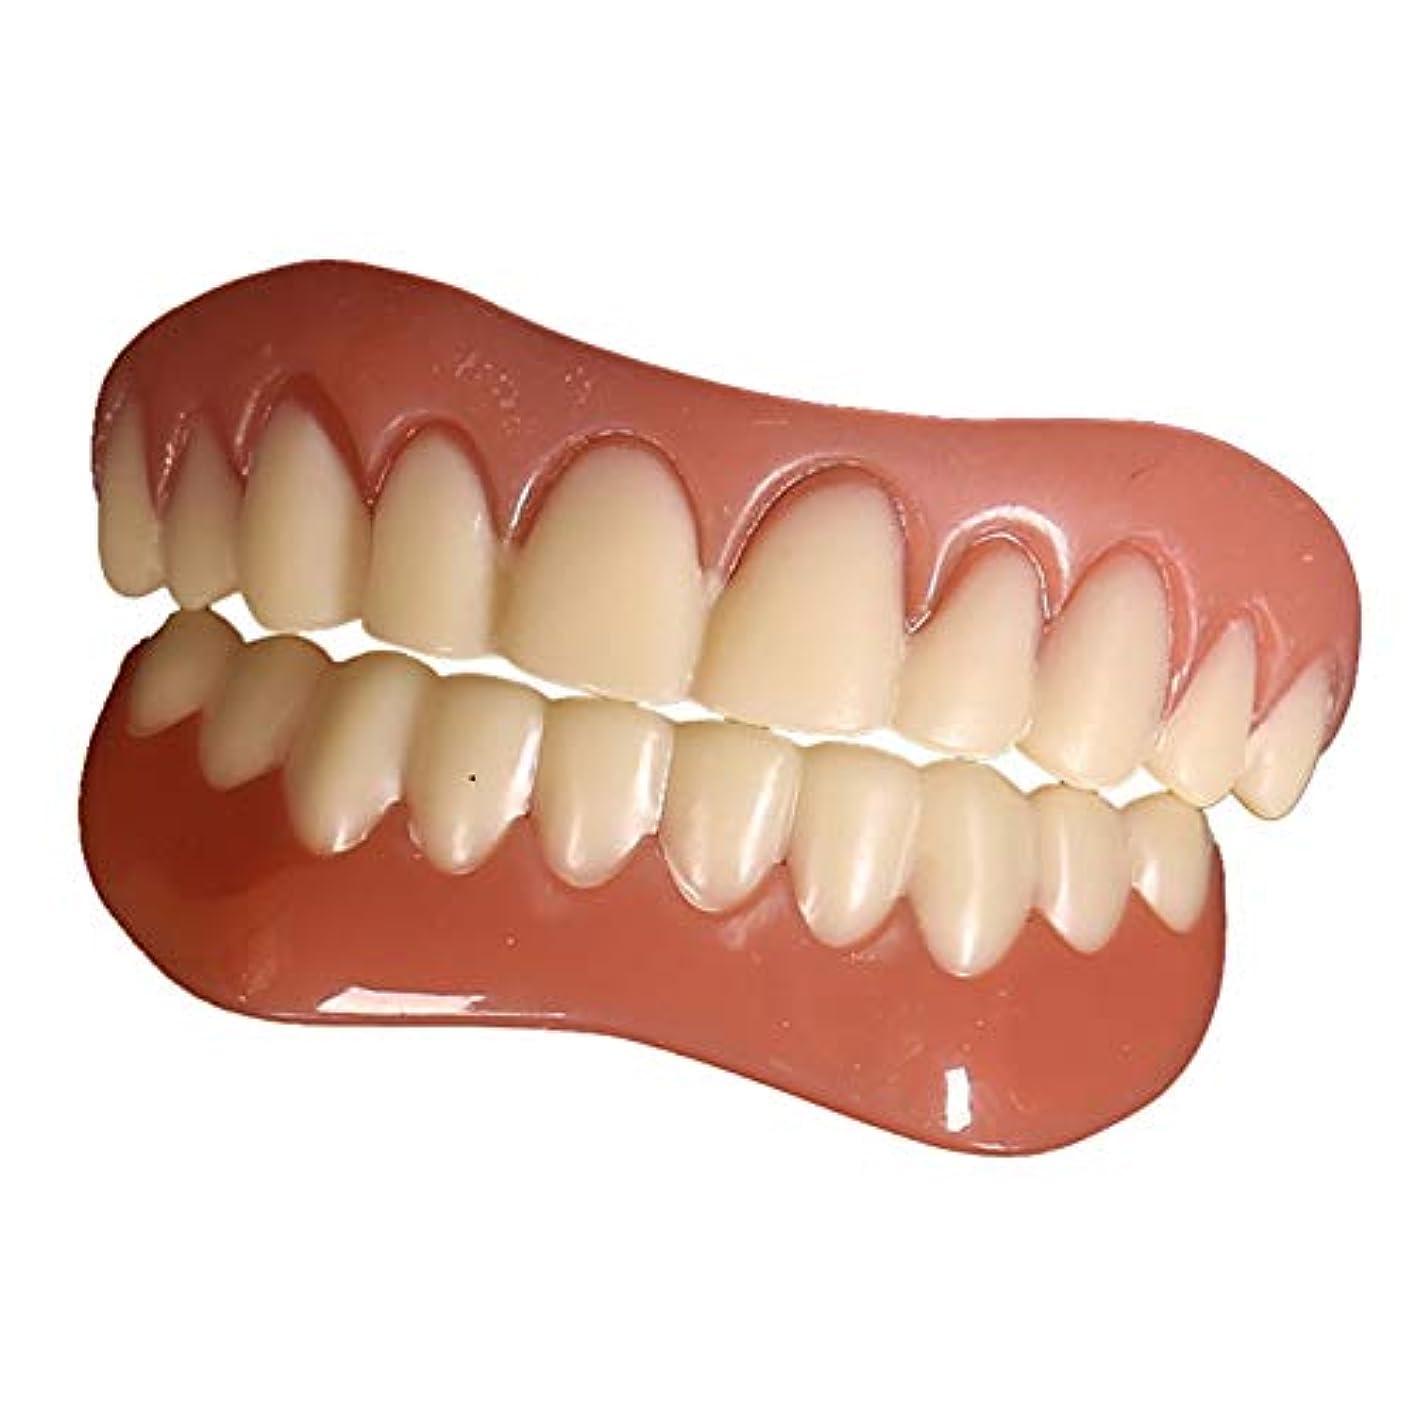 ピカソ何十人もタイトシリコーン歯突き板ホワイトニングパーフェクトスマイルコンフォートフィットフレックス歯トップトゥース化粧品突き板ワンサイズフィットすべて - 2個